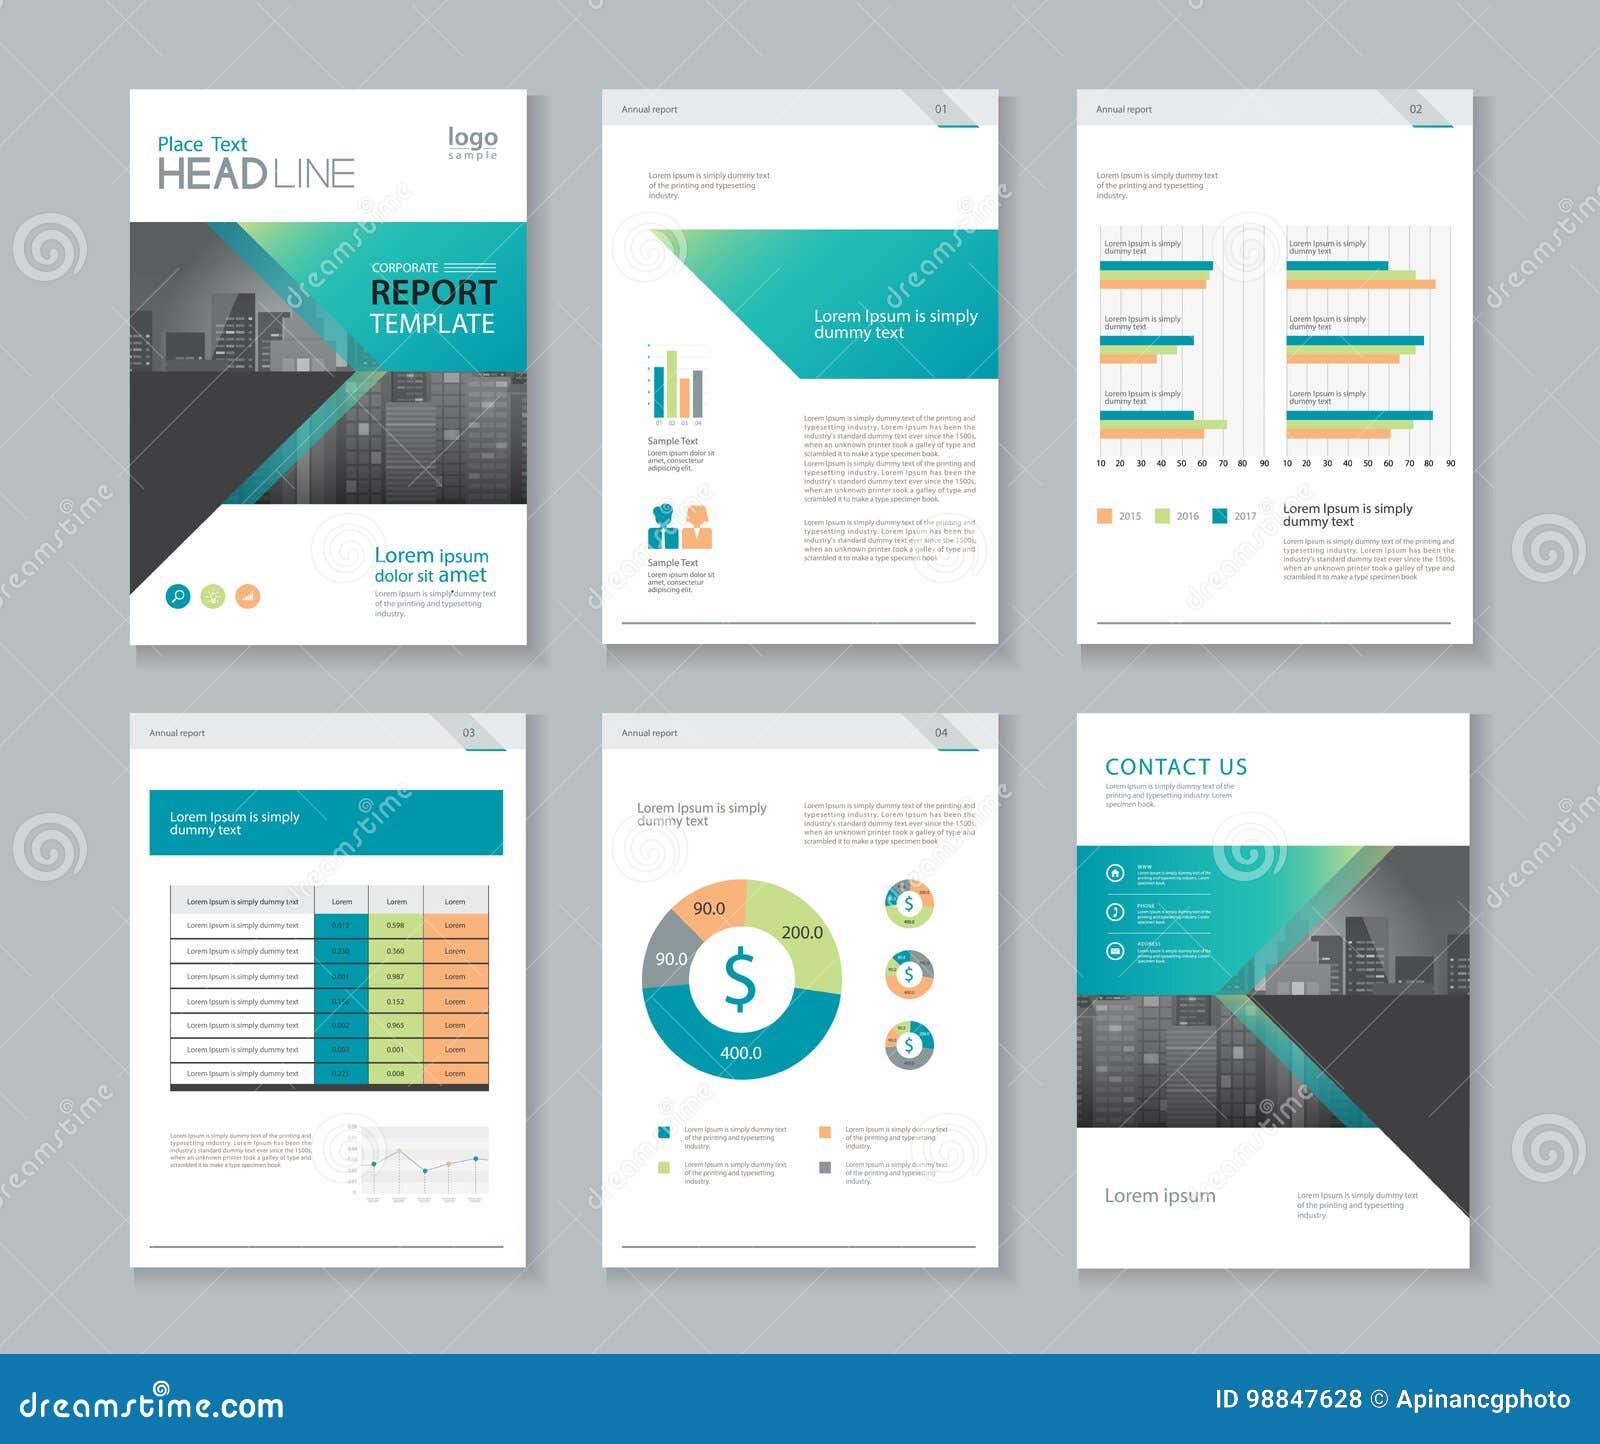 Template Design For Company Profile Annual Report Brochure